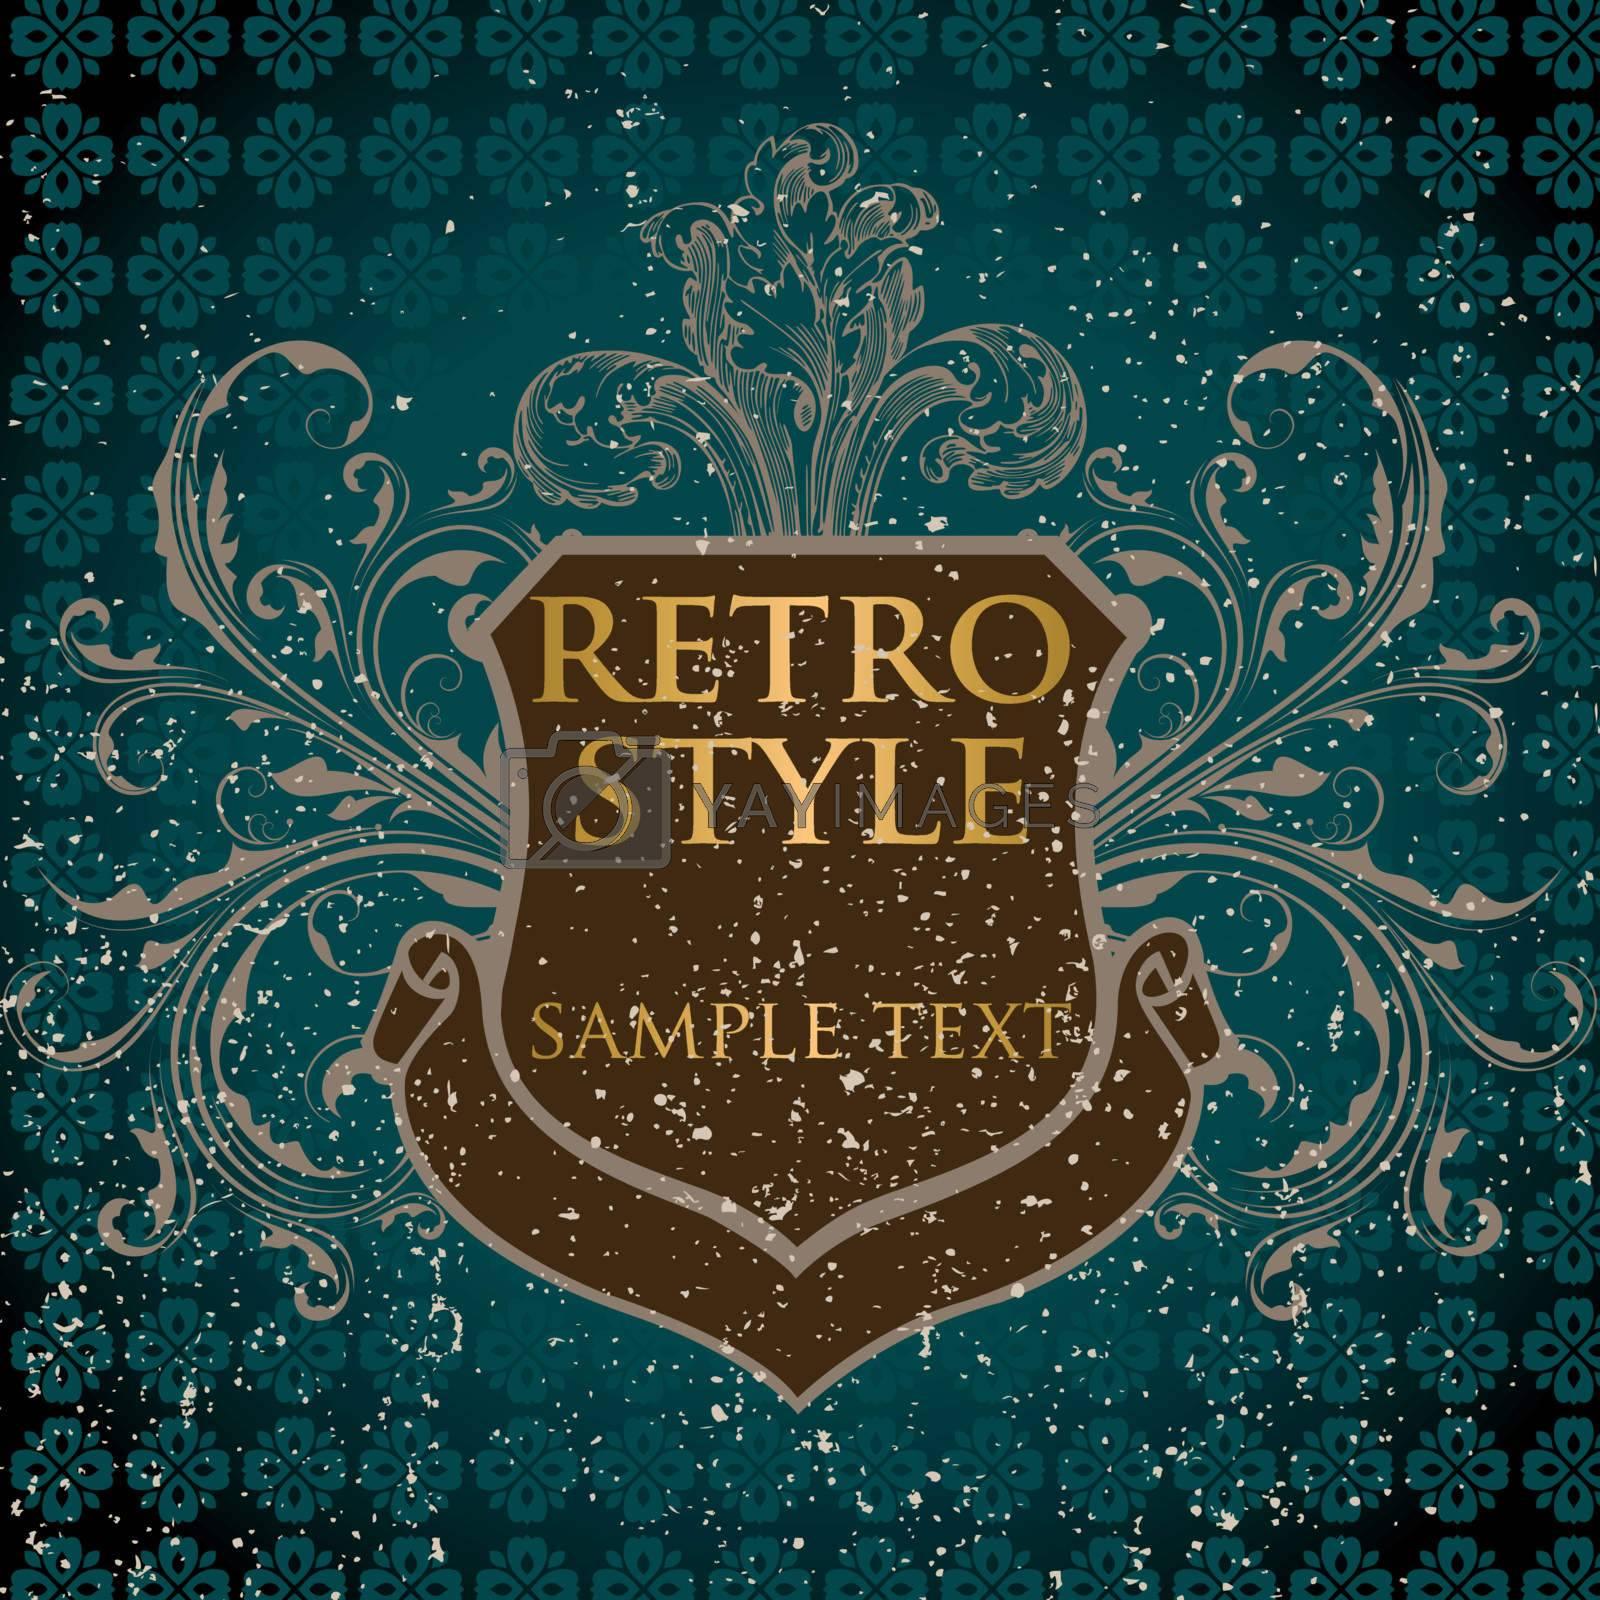 Retro shield label EPS 10 vector file included